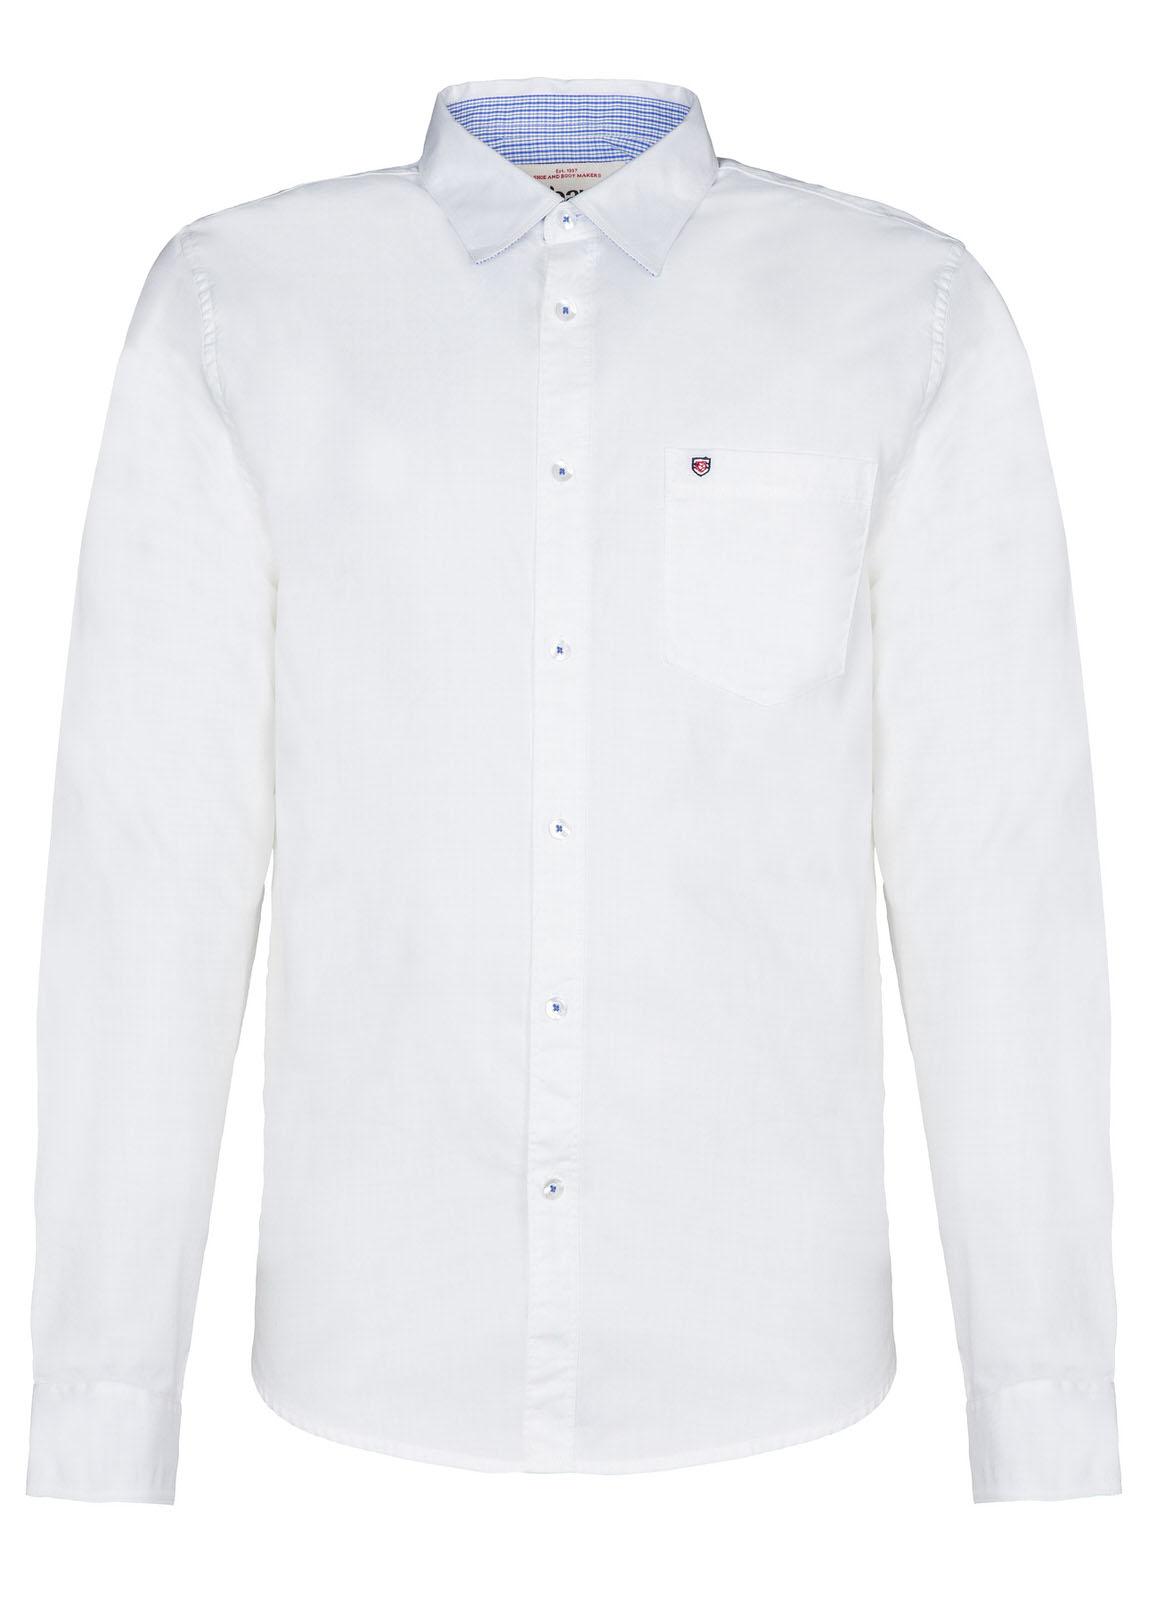 Rathgar_shirt_White_Image_1